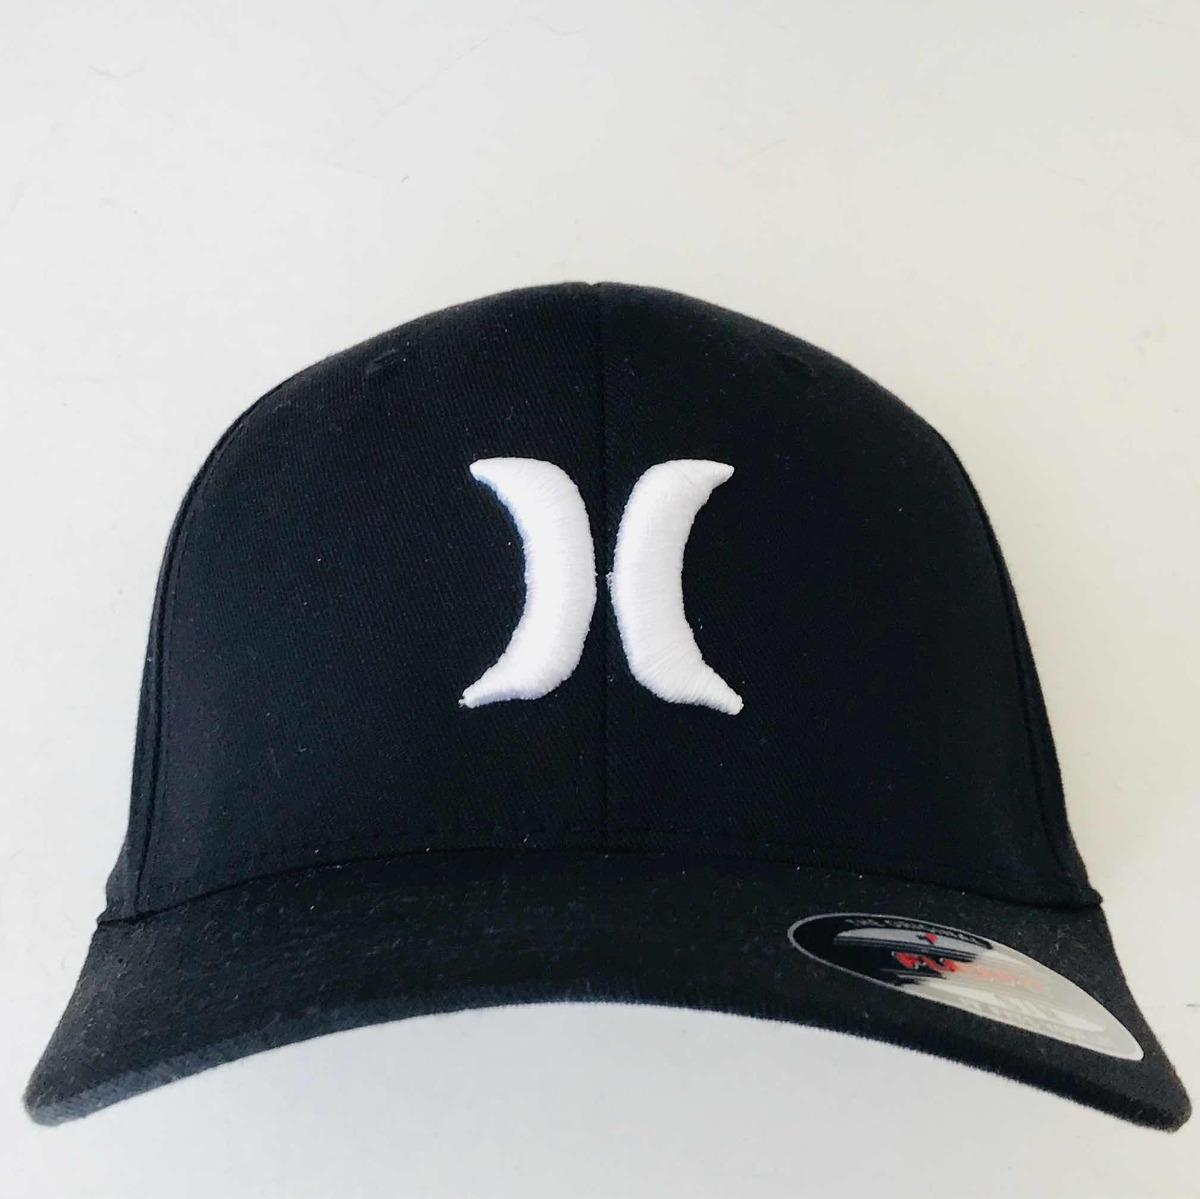 Gorra Hurley Negra Flexfit -   499.00 en Mercado Libre 269dfc9c81f